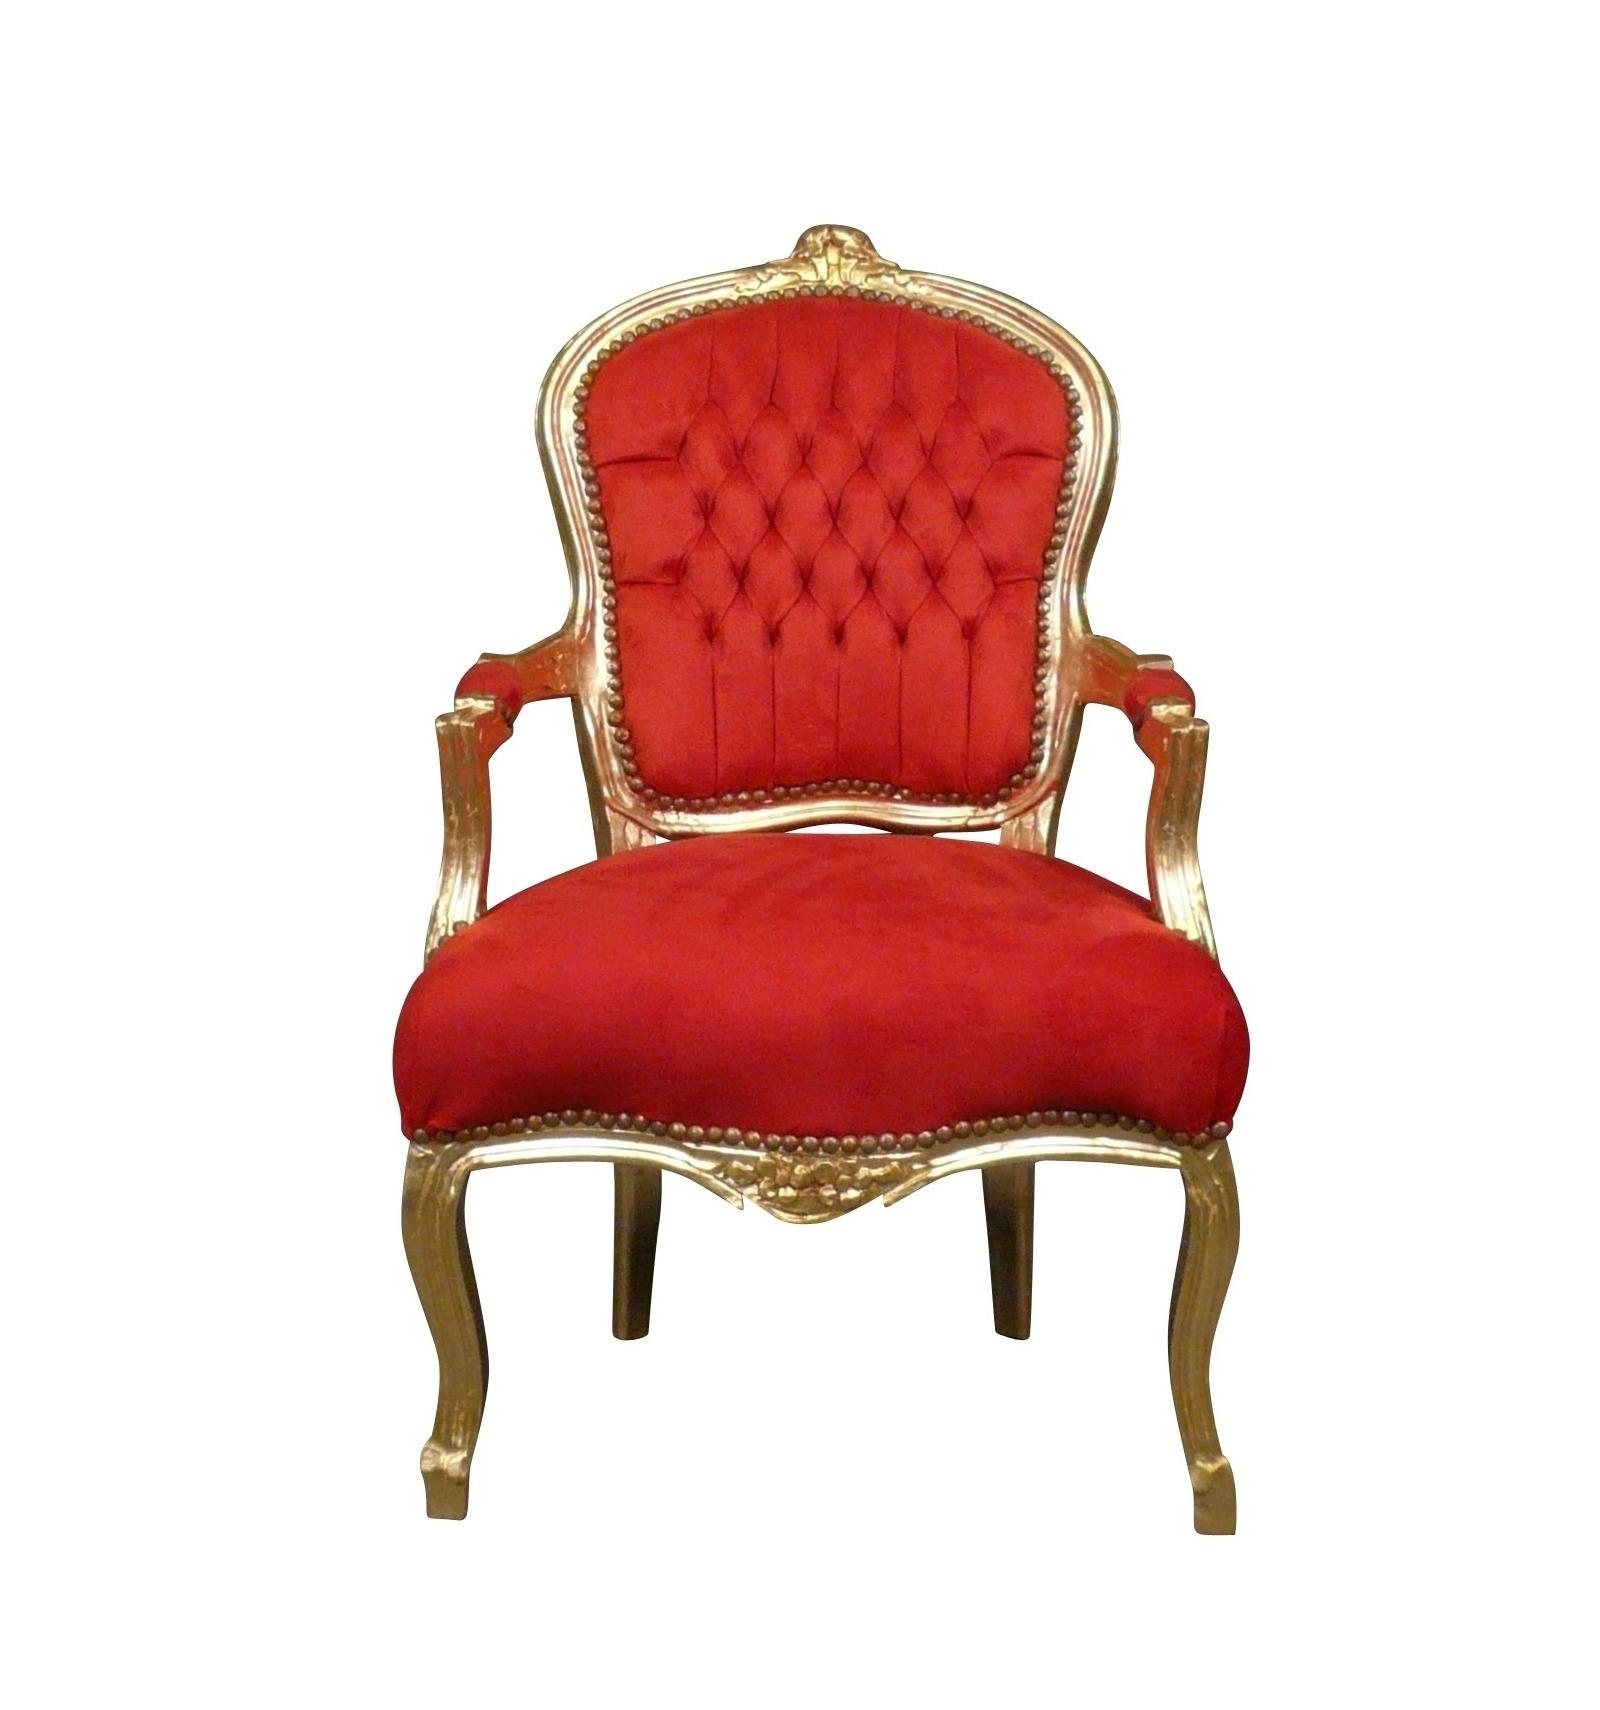 Fauteuil louis xv baroque rouge et or fauteuils louis xv - Silla luis xiv ...